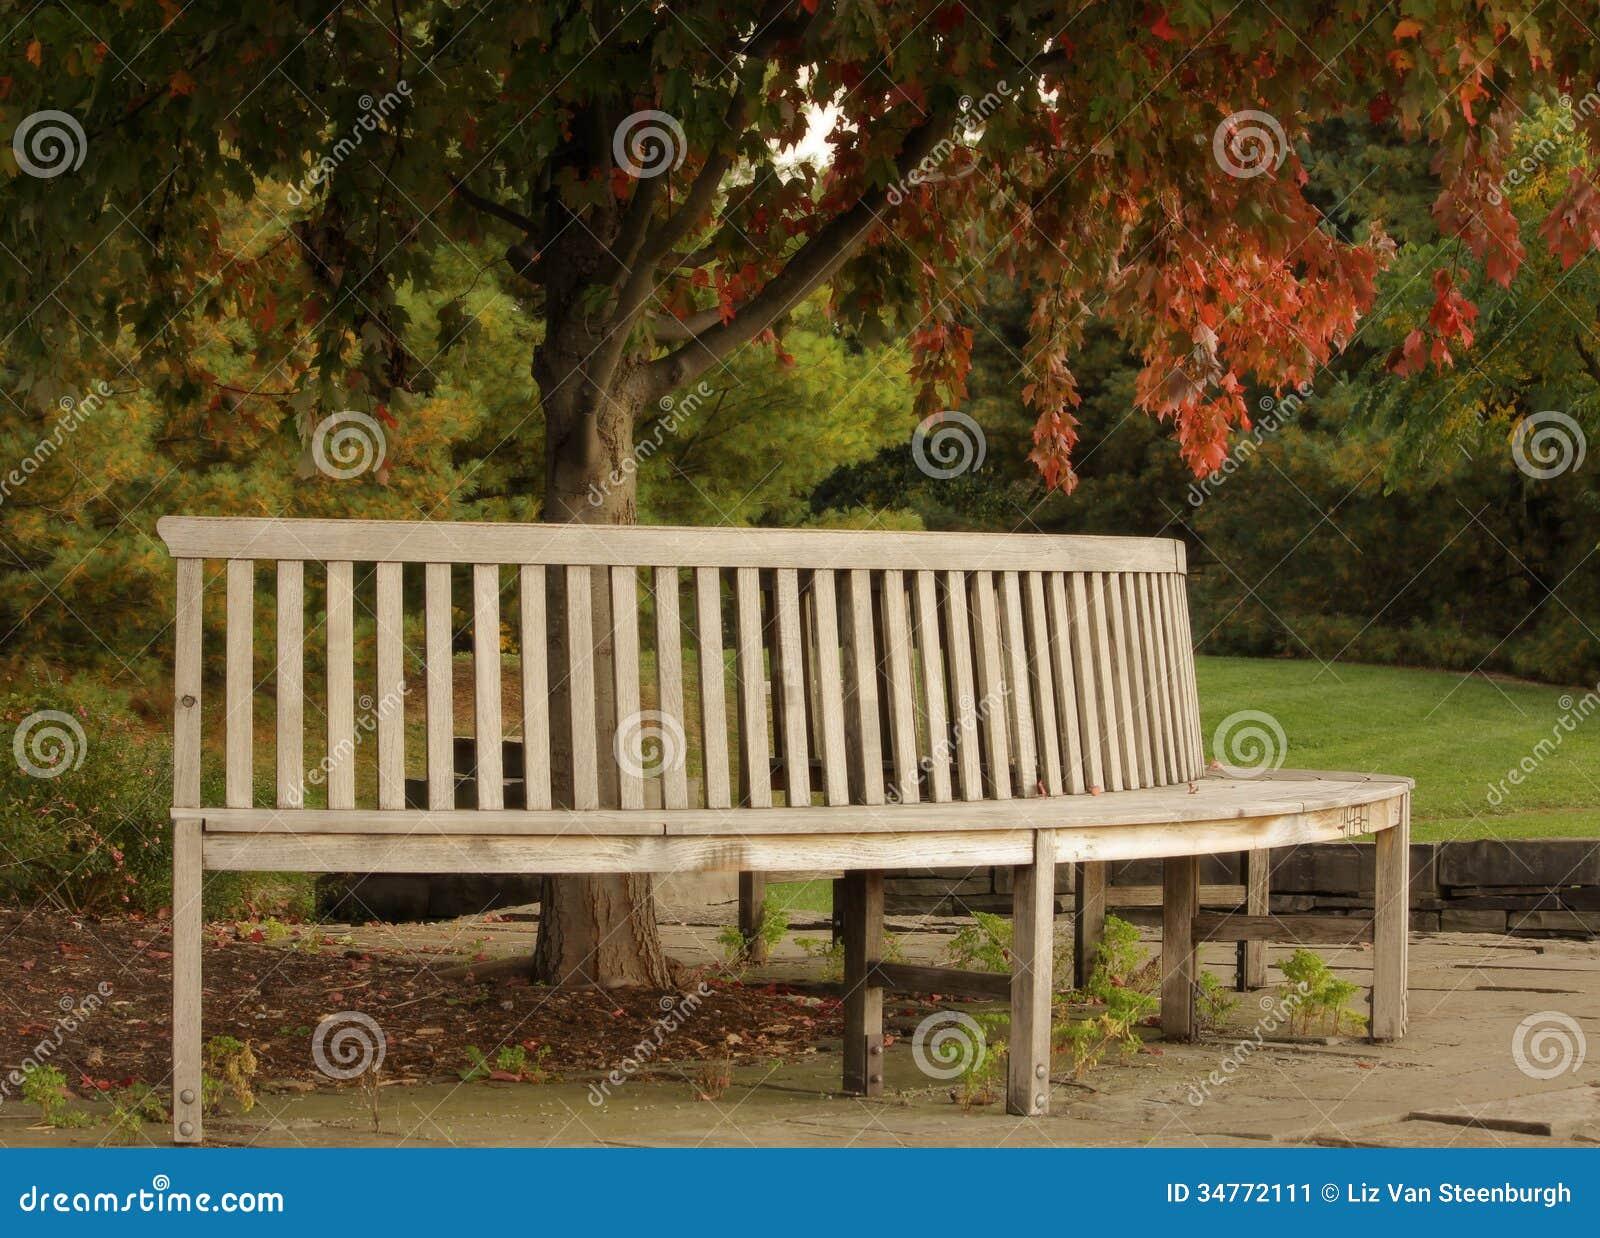 Um banco de parque de madeira circular com árvores do outono. #A94222 1300x1023